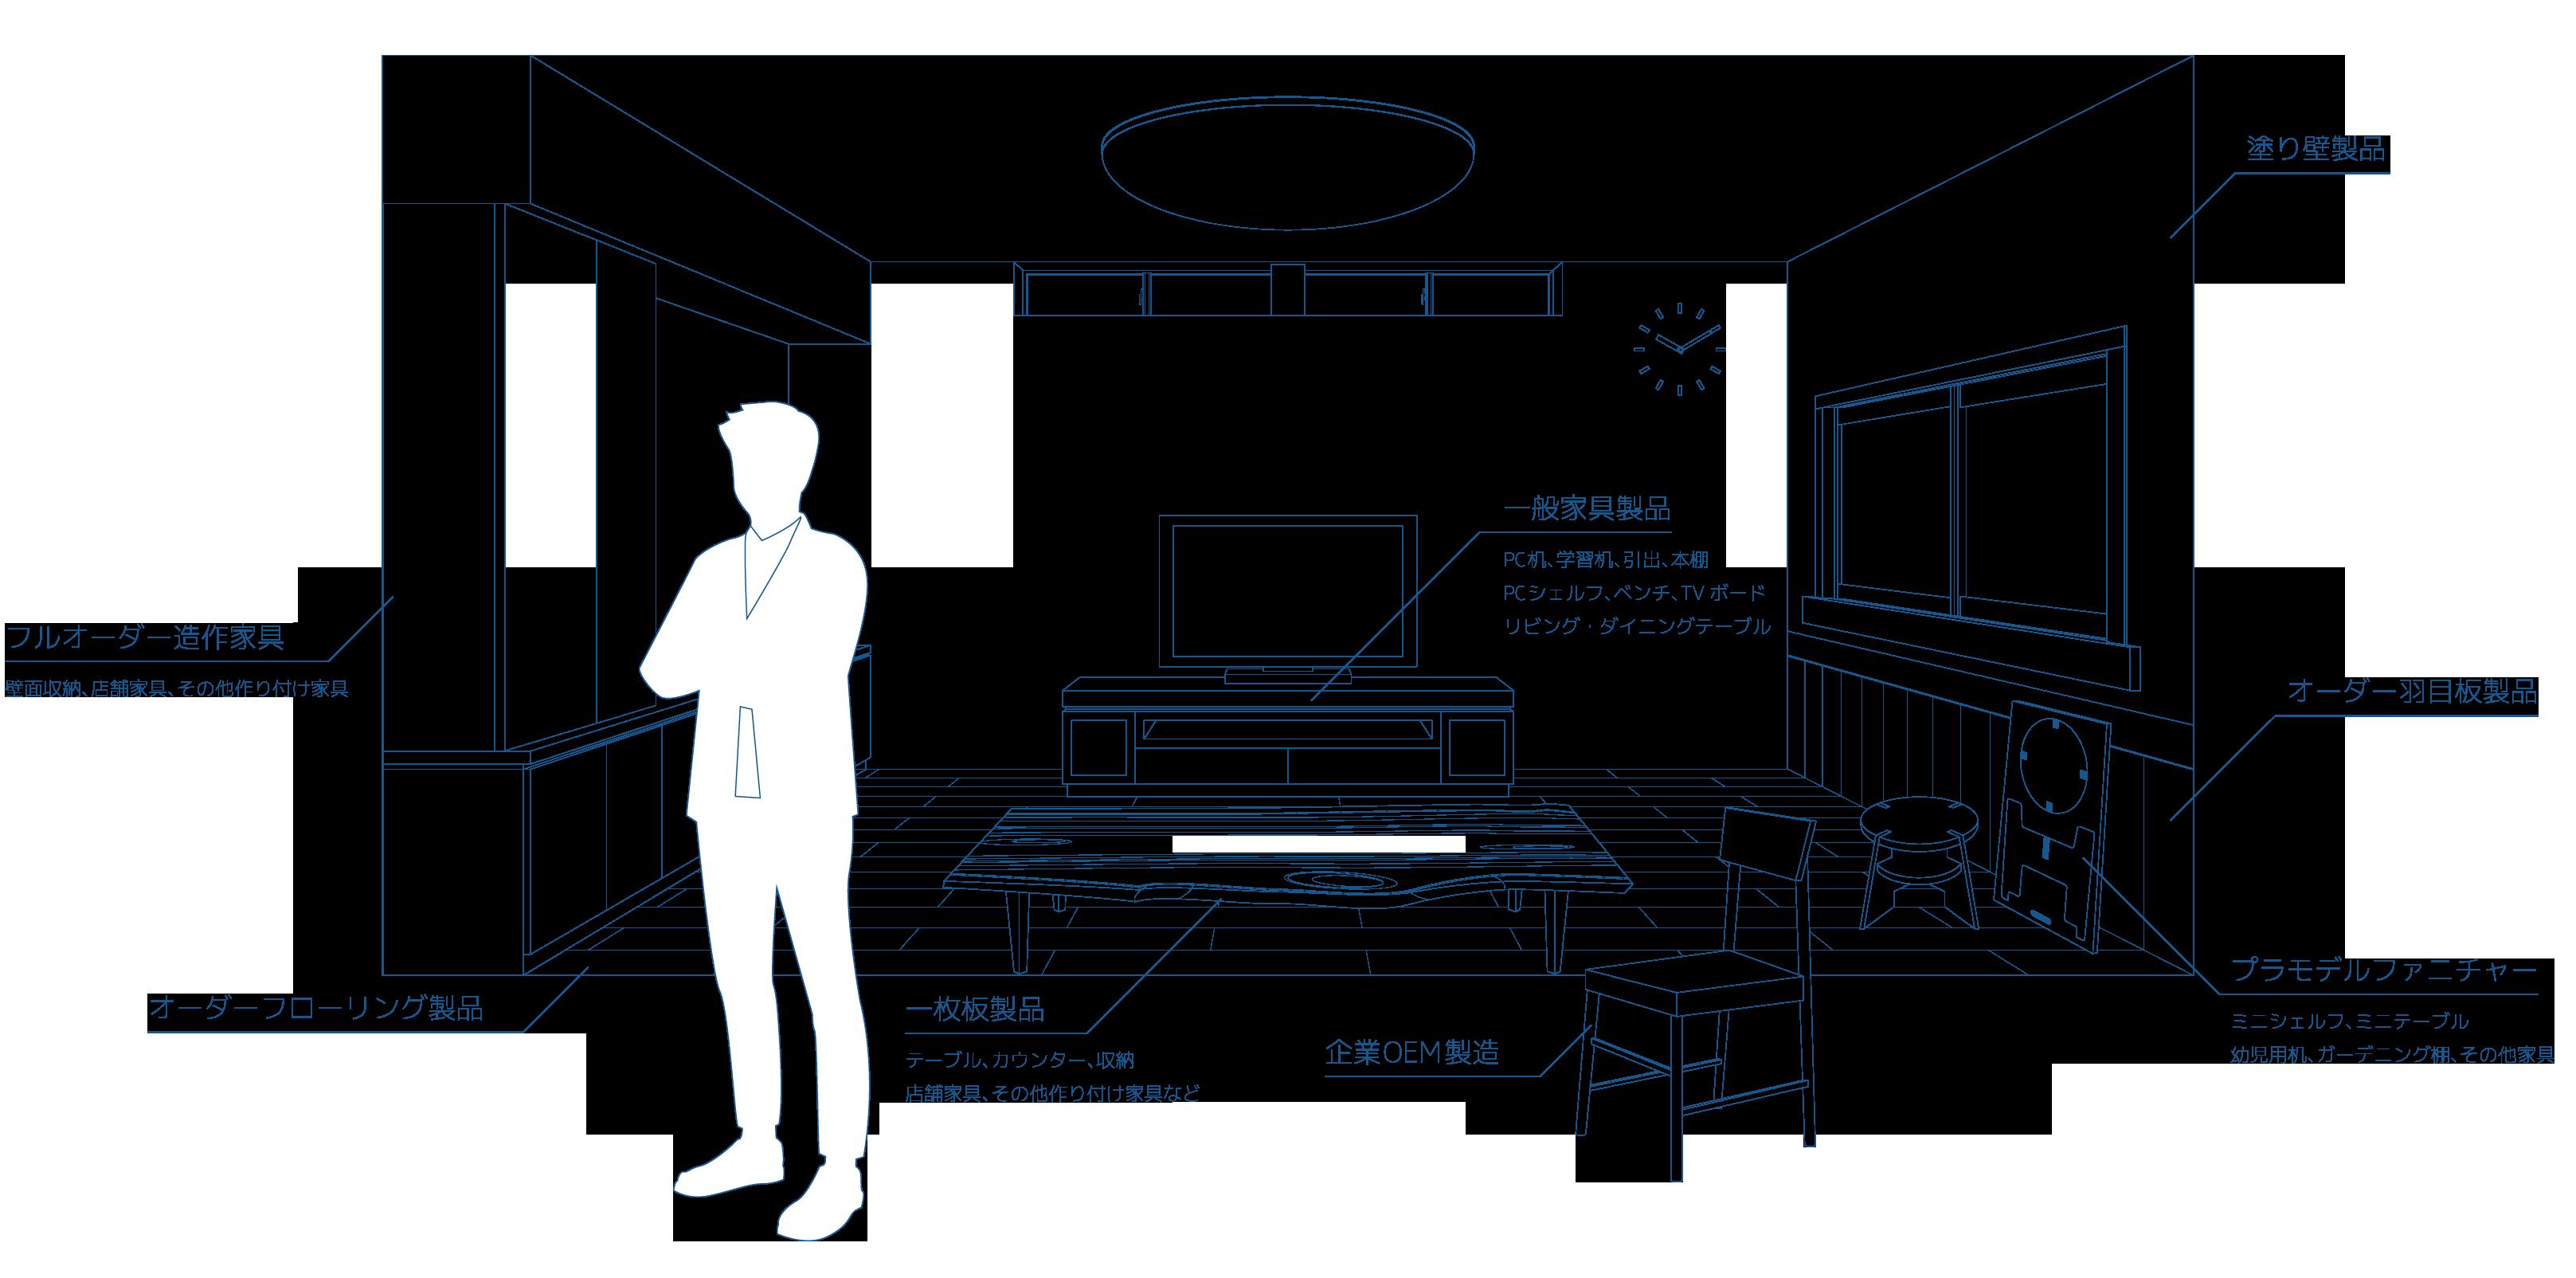 板倉ファクトリーの事業展開マップ